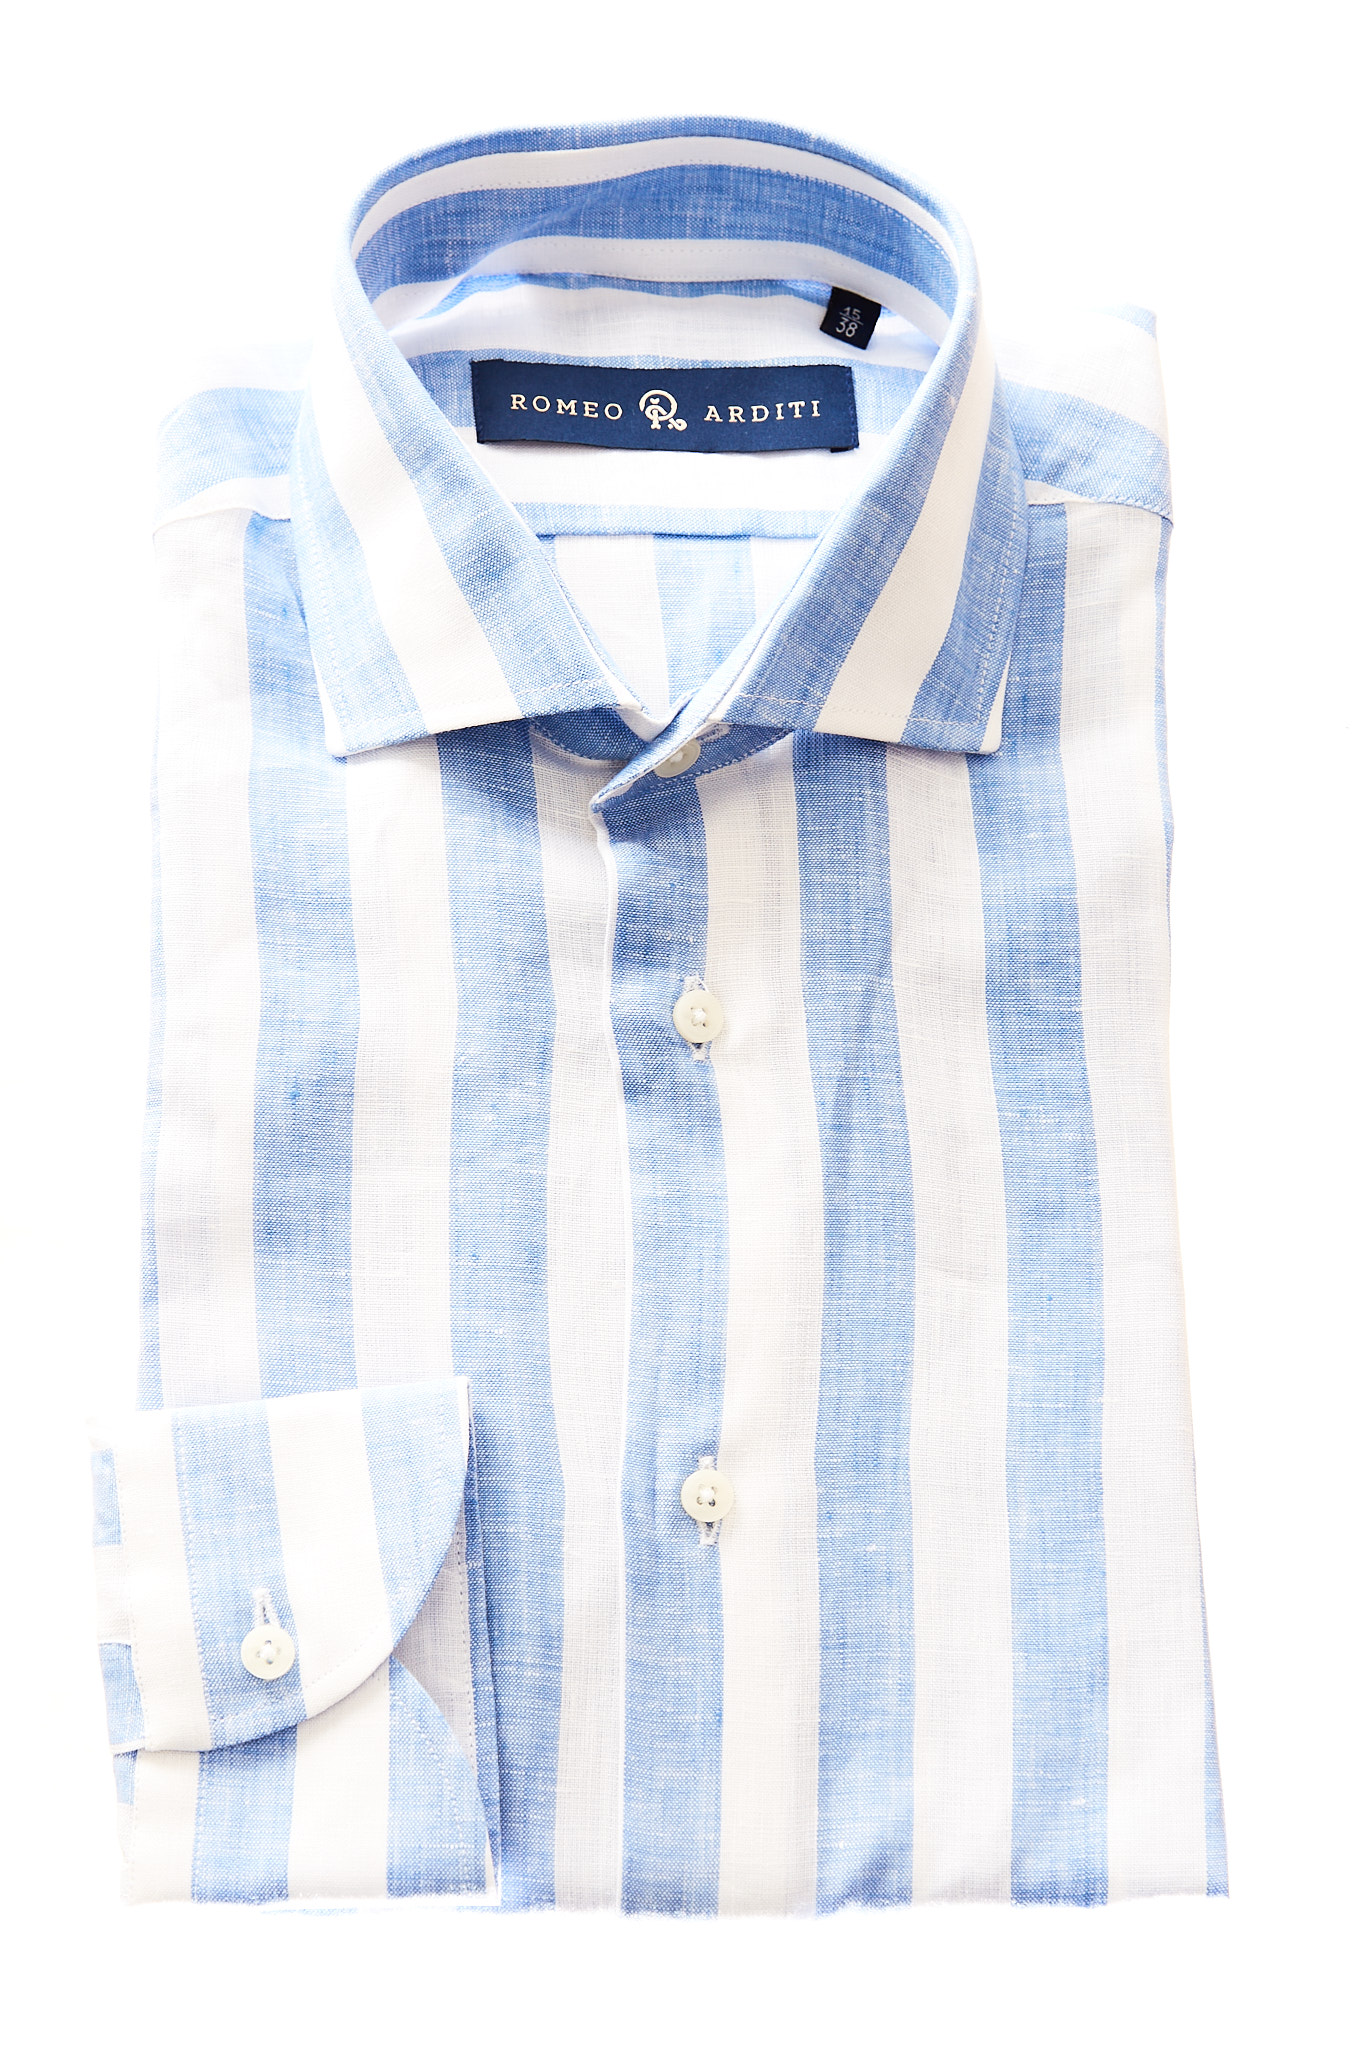 Camicia ROMEO ARDITI | Camicia | TS1228001